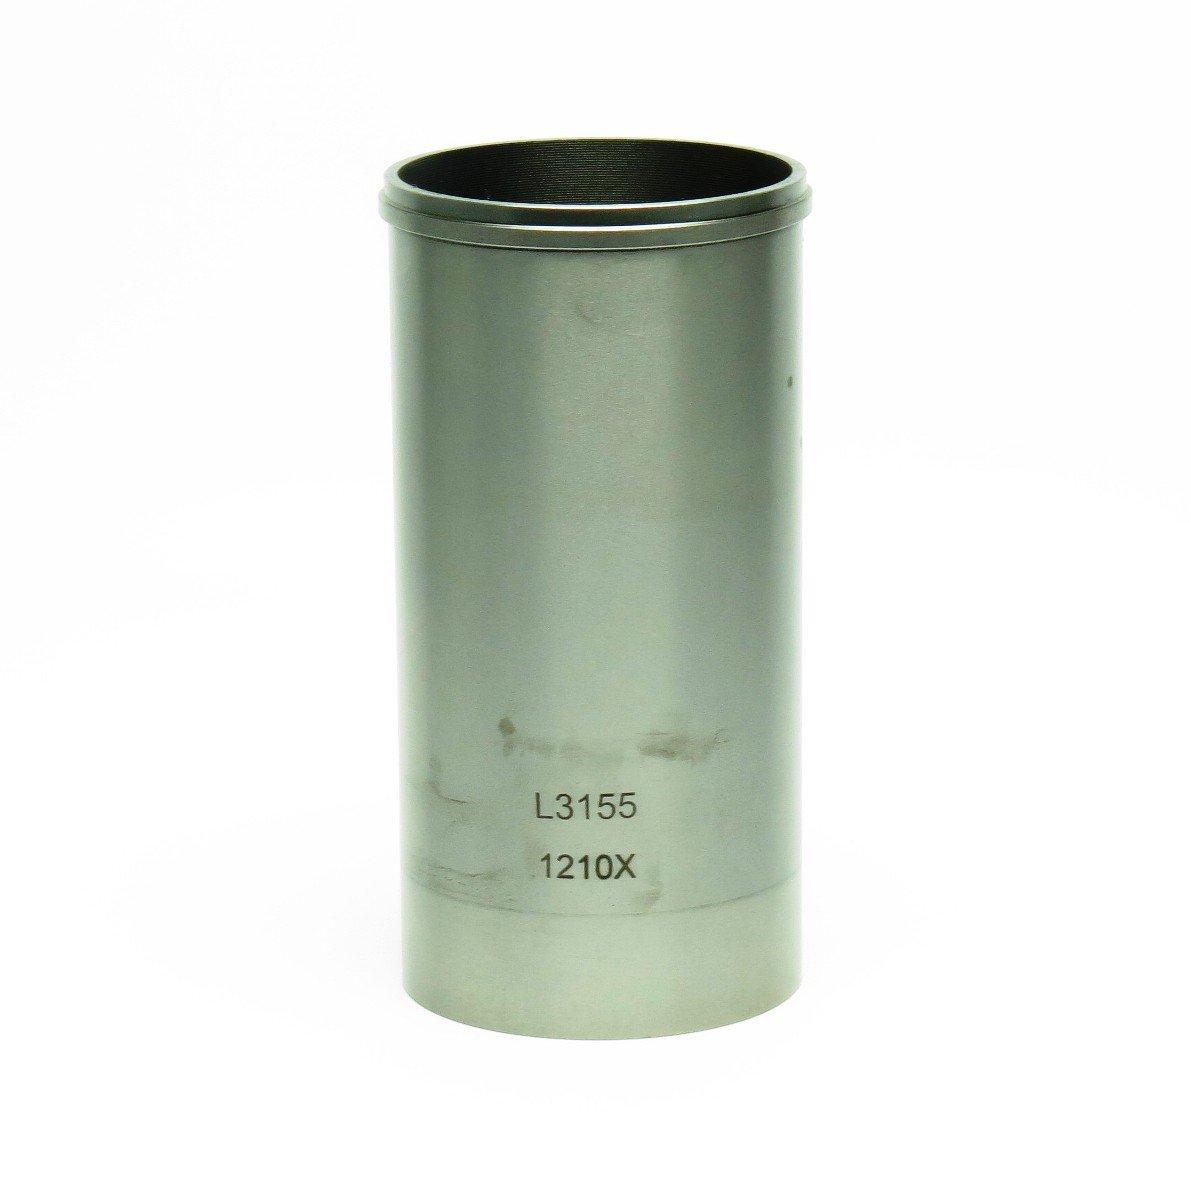 L 3155 - Cylinder Repair Liner